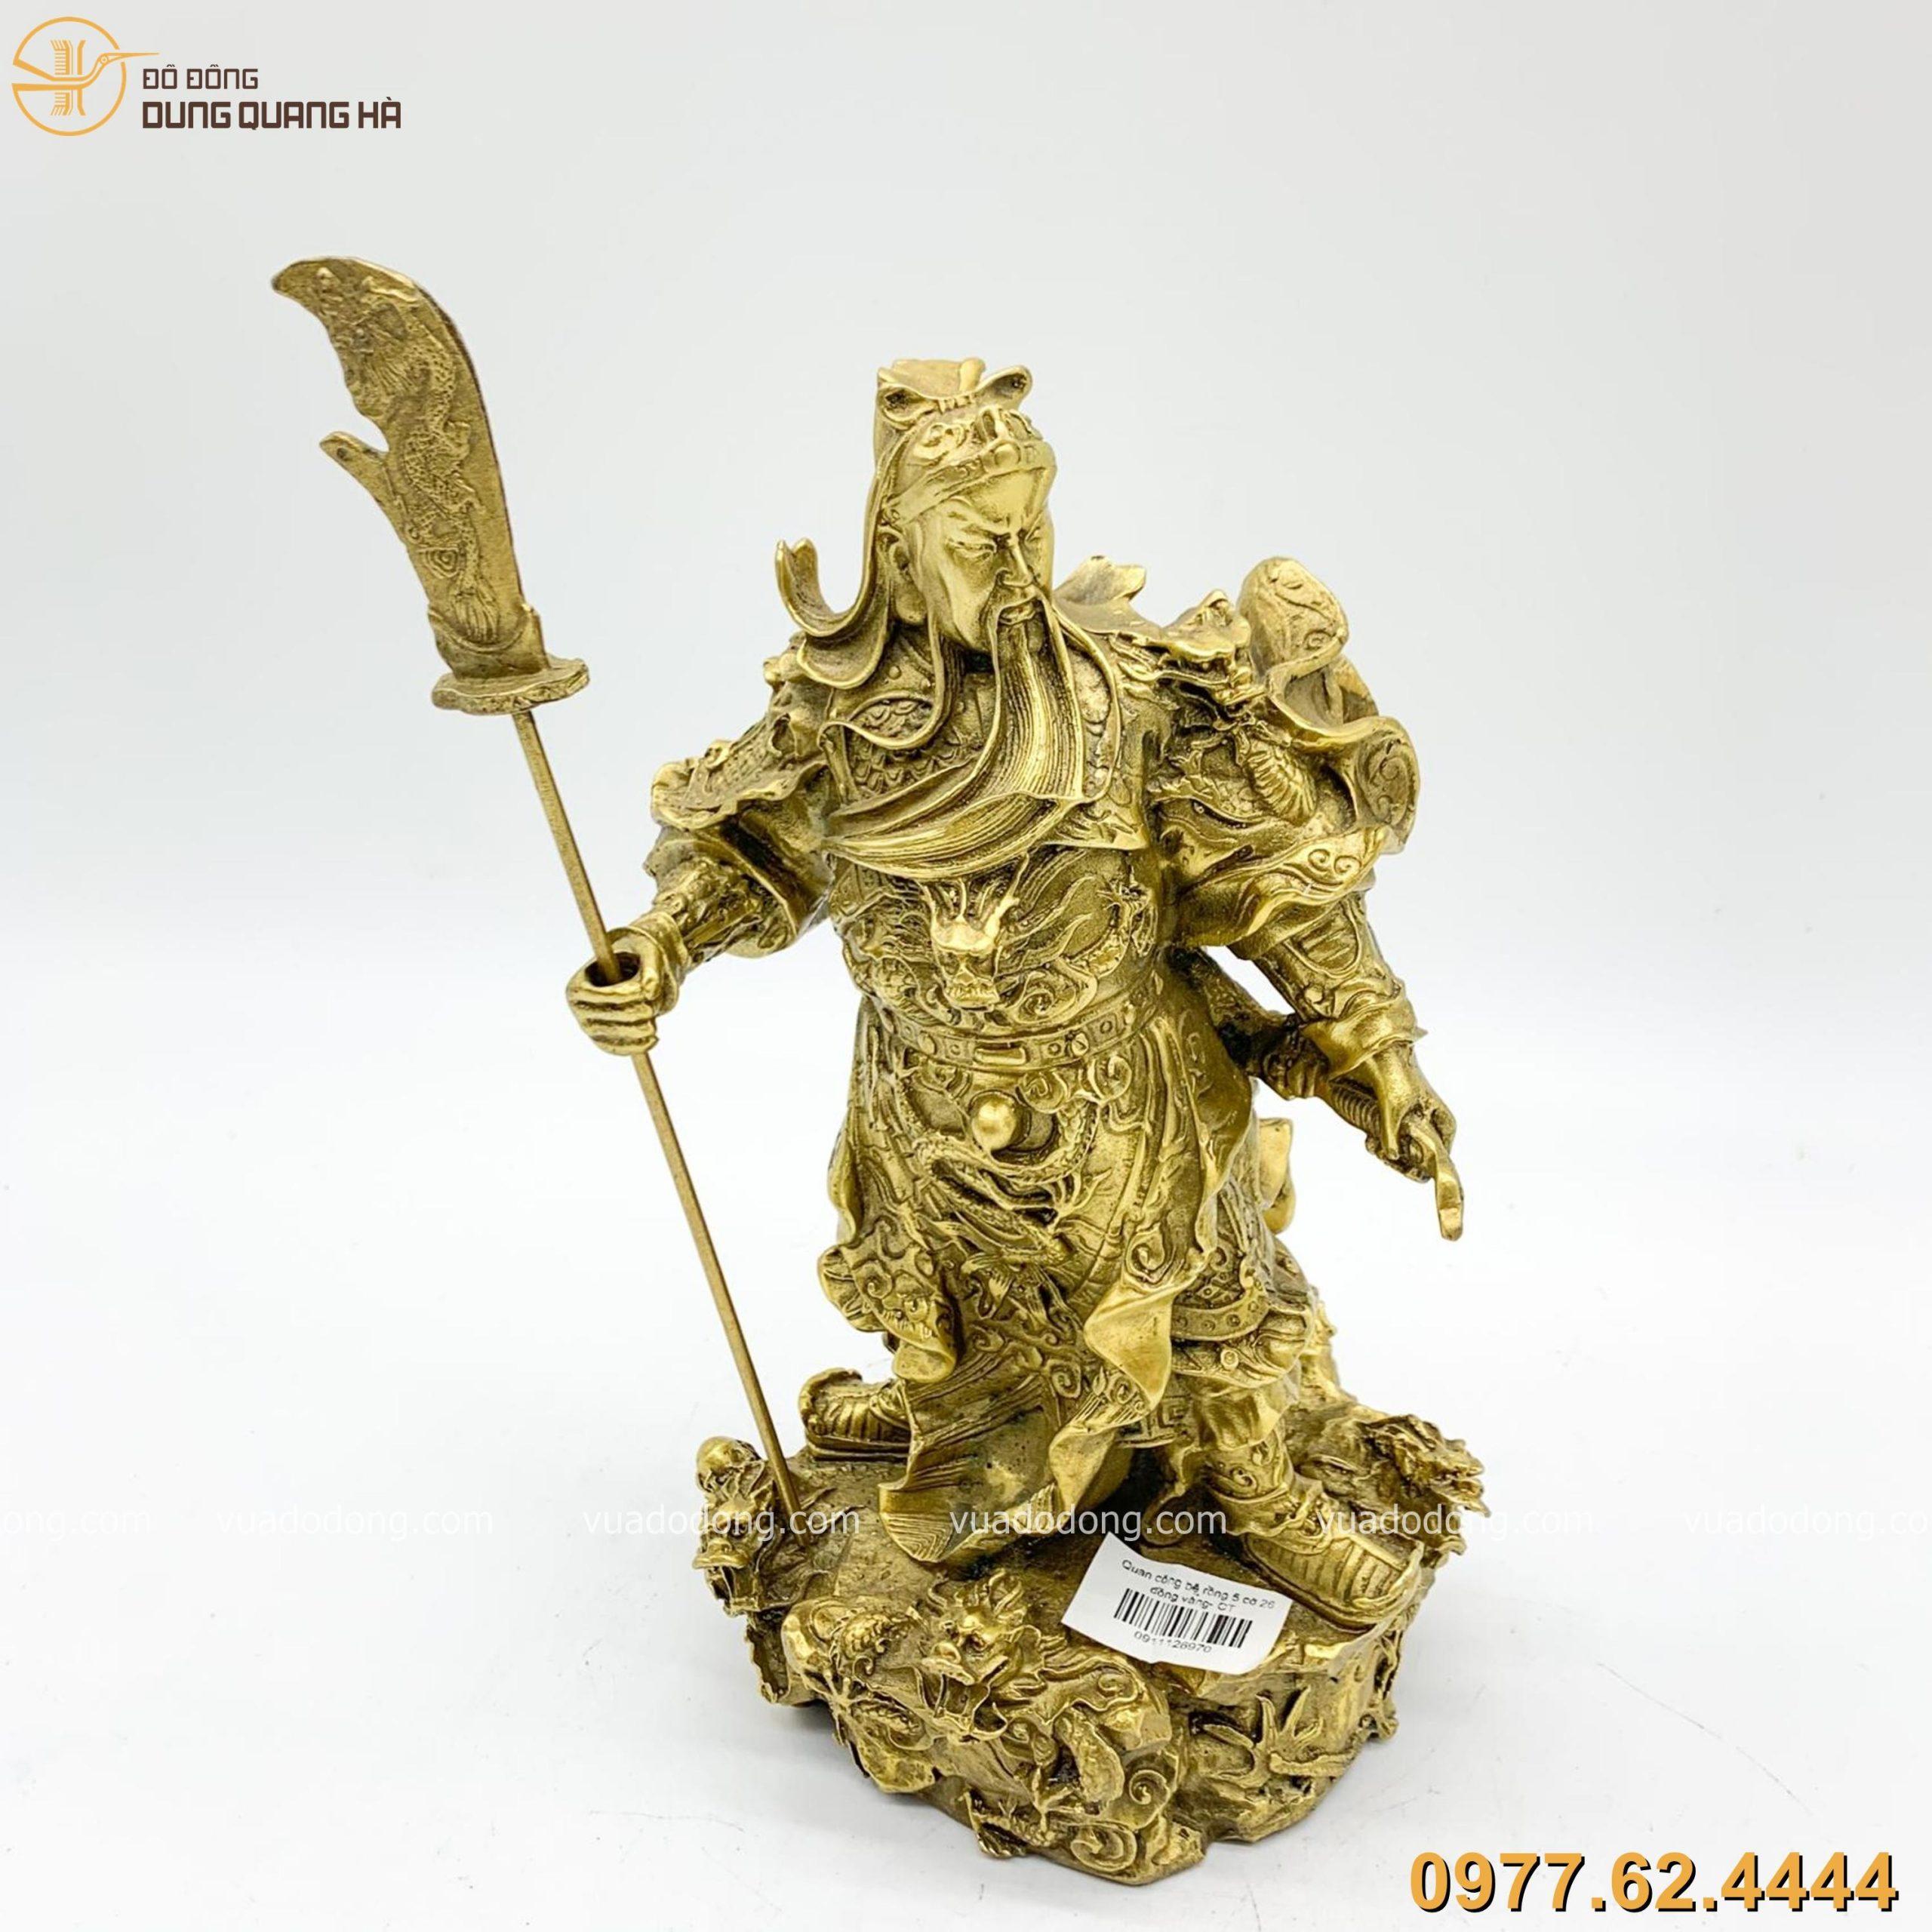 Tượng Quan Công đứng trên bệ rồng bằng đồng vàng cao 26cm